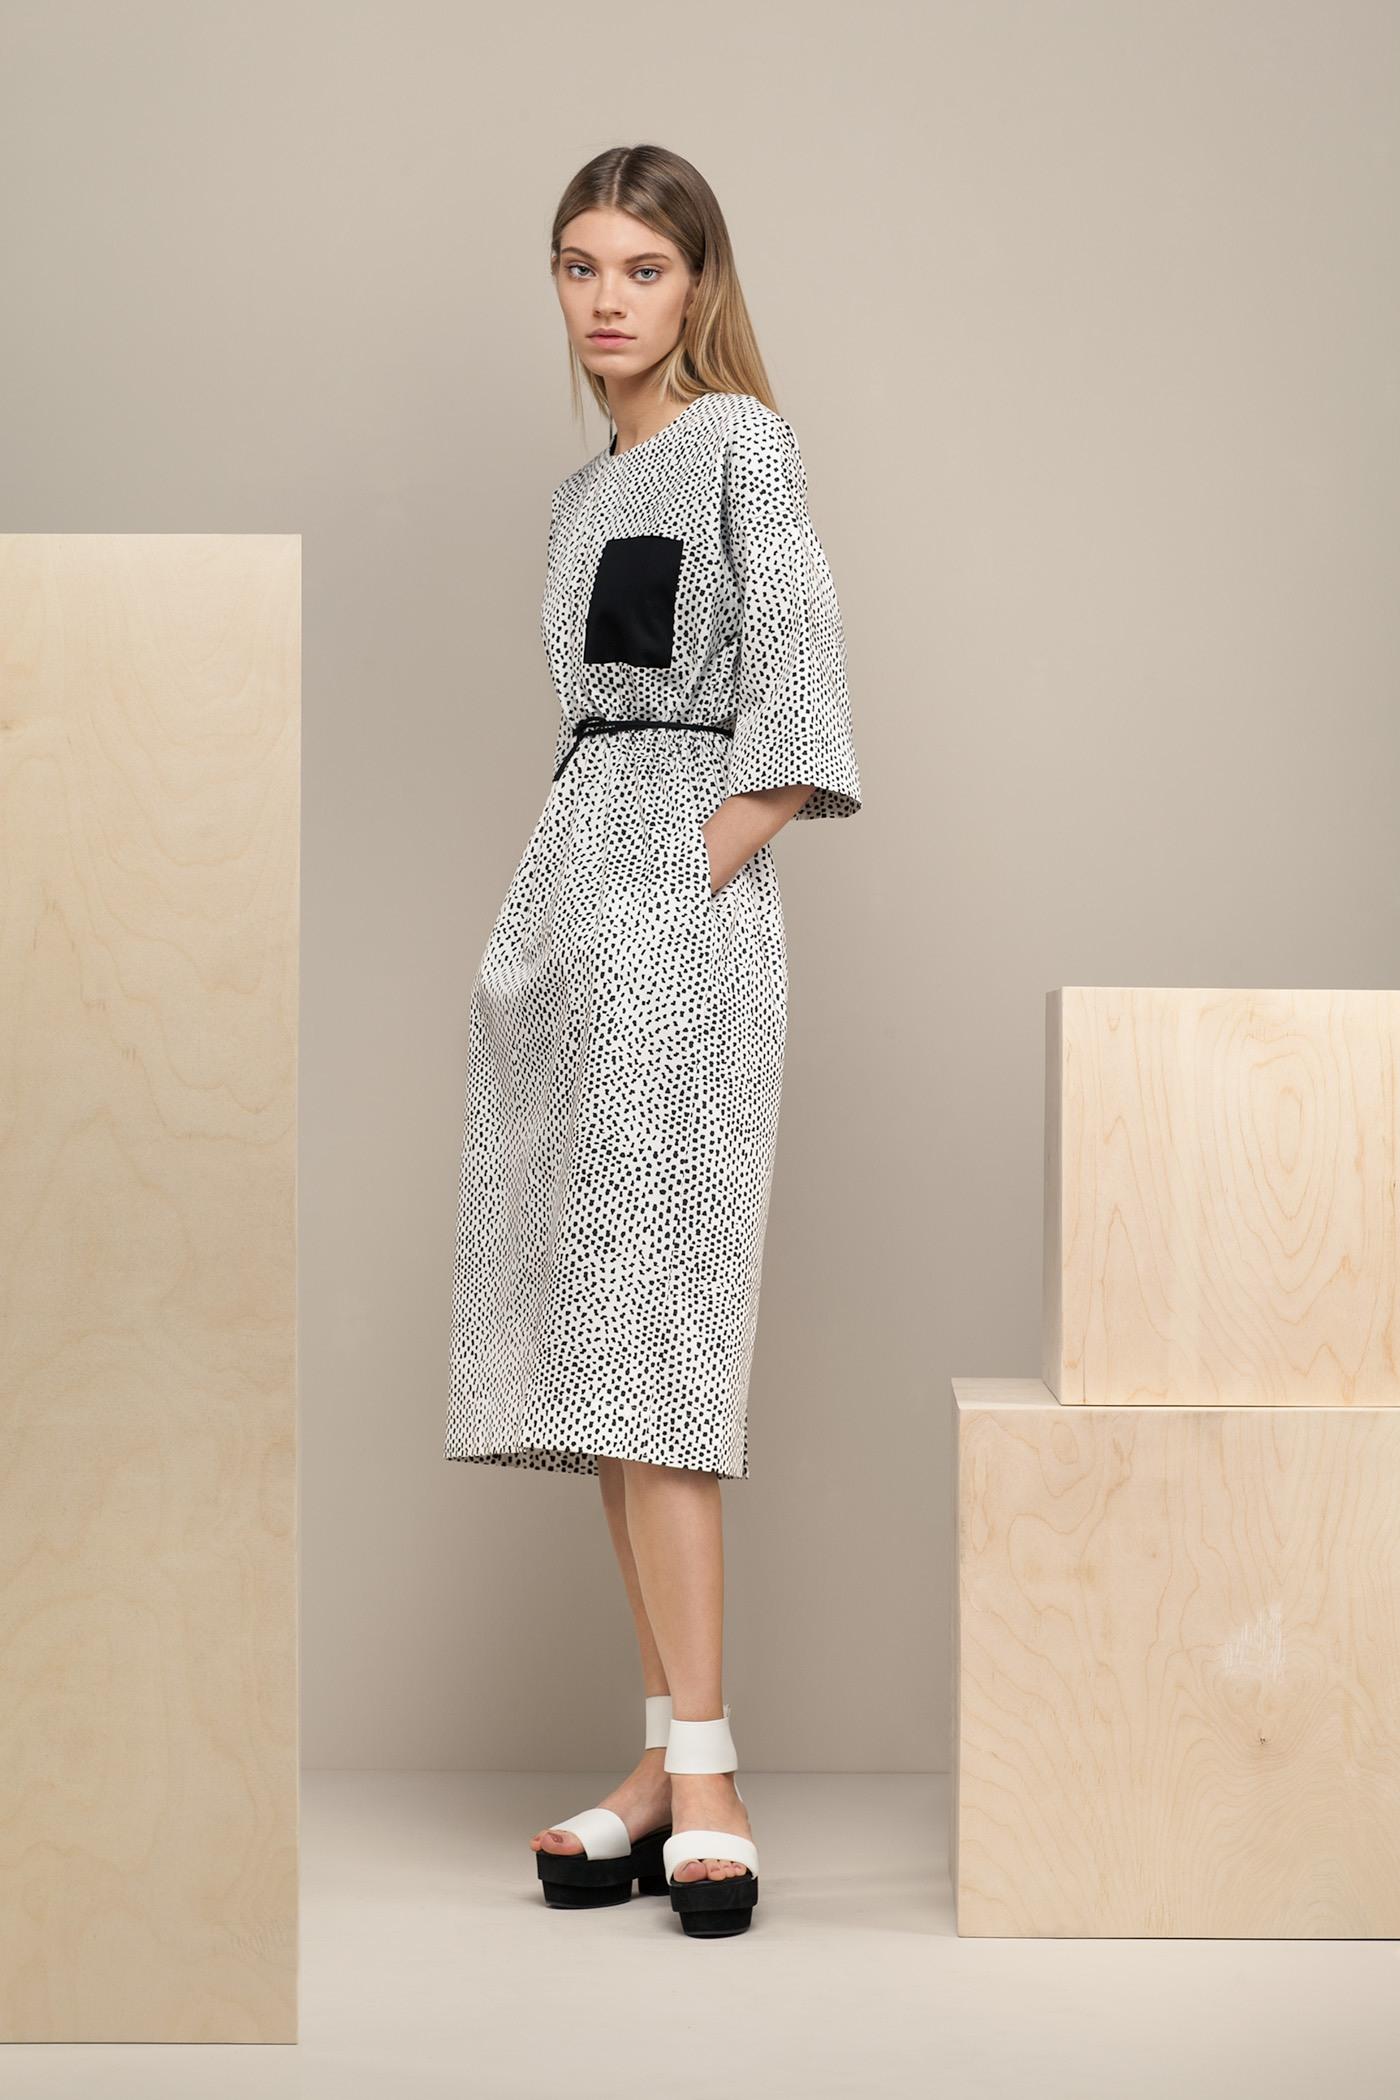 Платье средней длины - NemalevichПлатье средней длины прямого силуэта из хлопка с О-образным вырезом и карманом на груди. Драпируется на талии с помощью тканного шнурка.&#13;<br>&#13;<br>&#13;<br>широкие рукава 2/3&#13;<br>&#13;<br>карманы в боковых швах&#13;<br>&#13;<br>дышащий хлопок&#13;<br>&#13;<br>длина изделия по спинке 108 см в ростовке 164-170 см., длина может изменяться в зависимости от ростовки&#13;<br>&#13;<br>размер и другие нюансы уточняются при заказе, мы с вами связываемся по указанному вами номеру телефона<br><br>Цвет: Point<br>Размер: one size<br>Ростовка: 164 -170